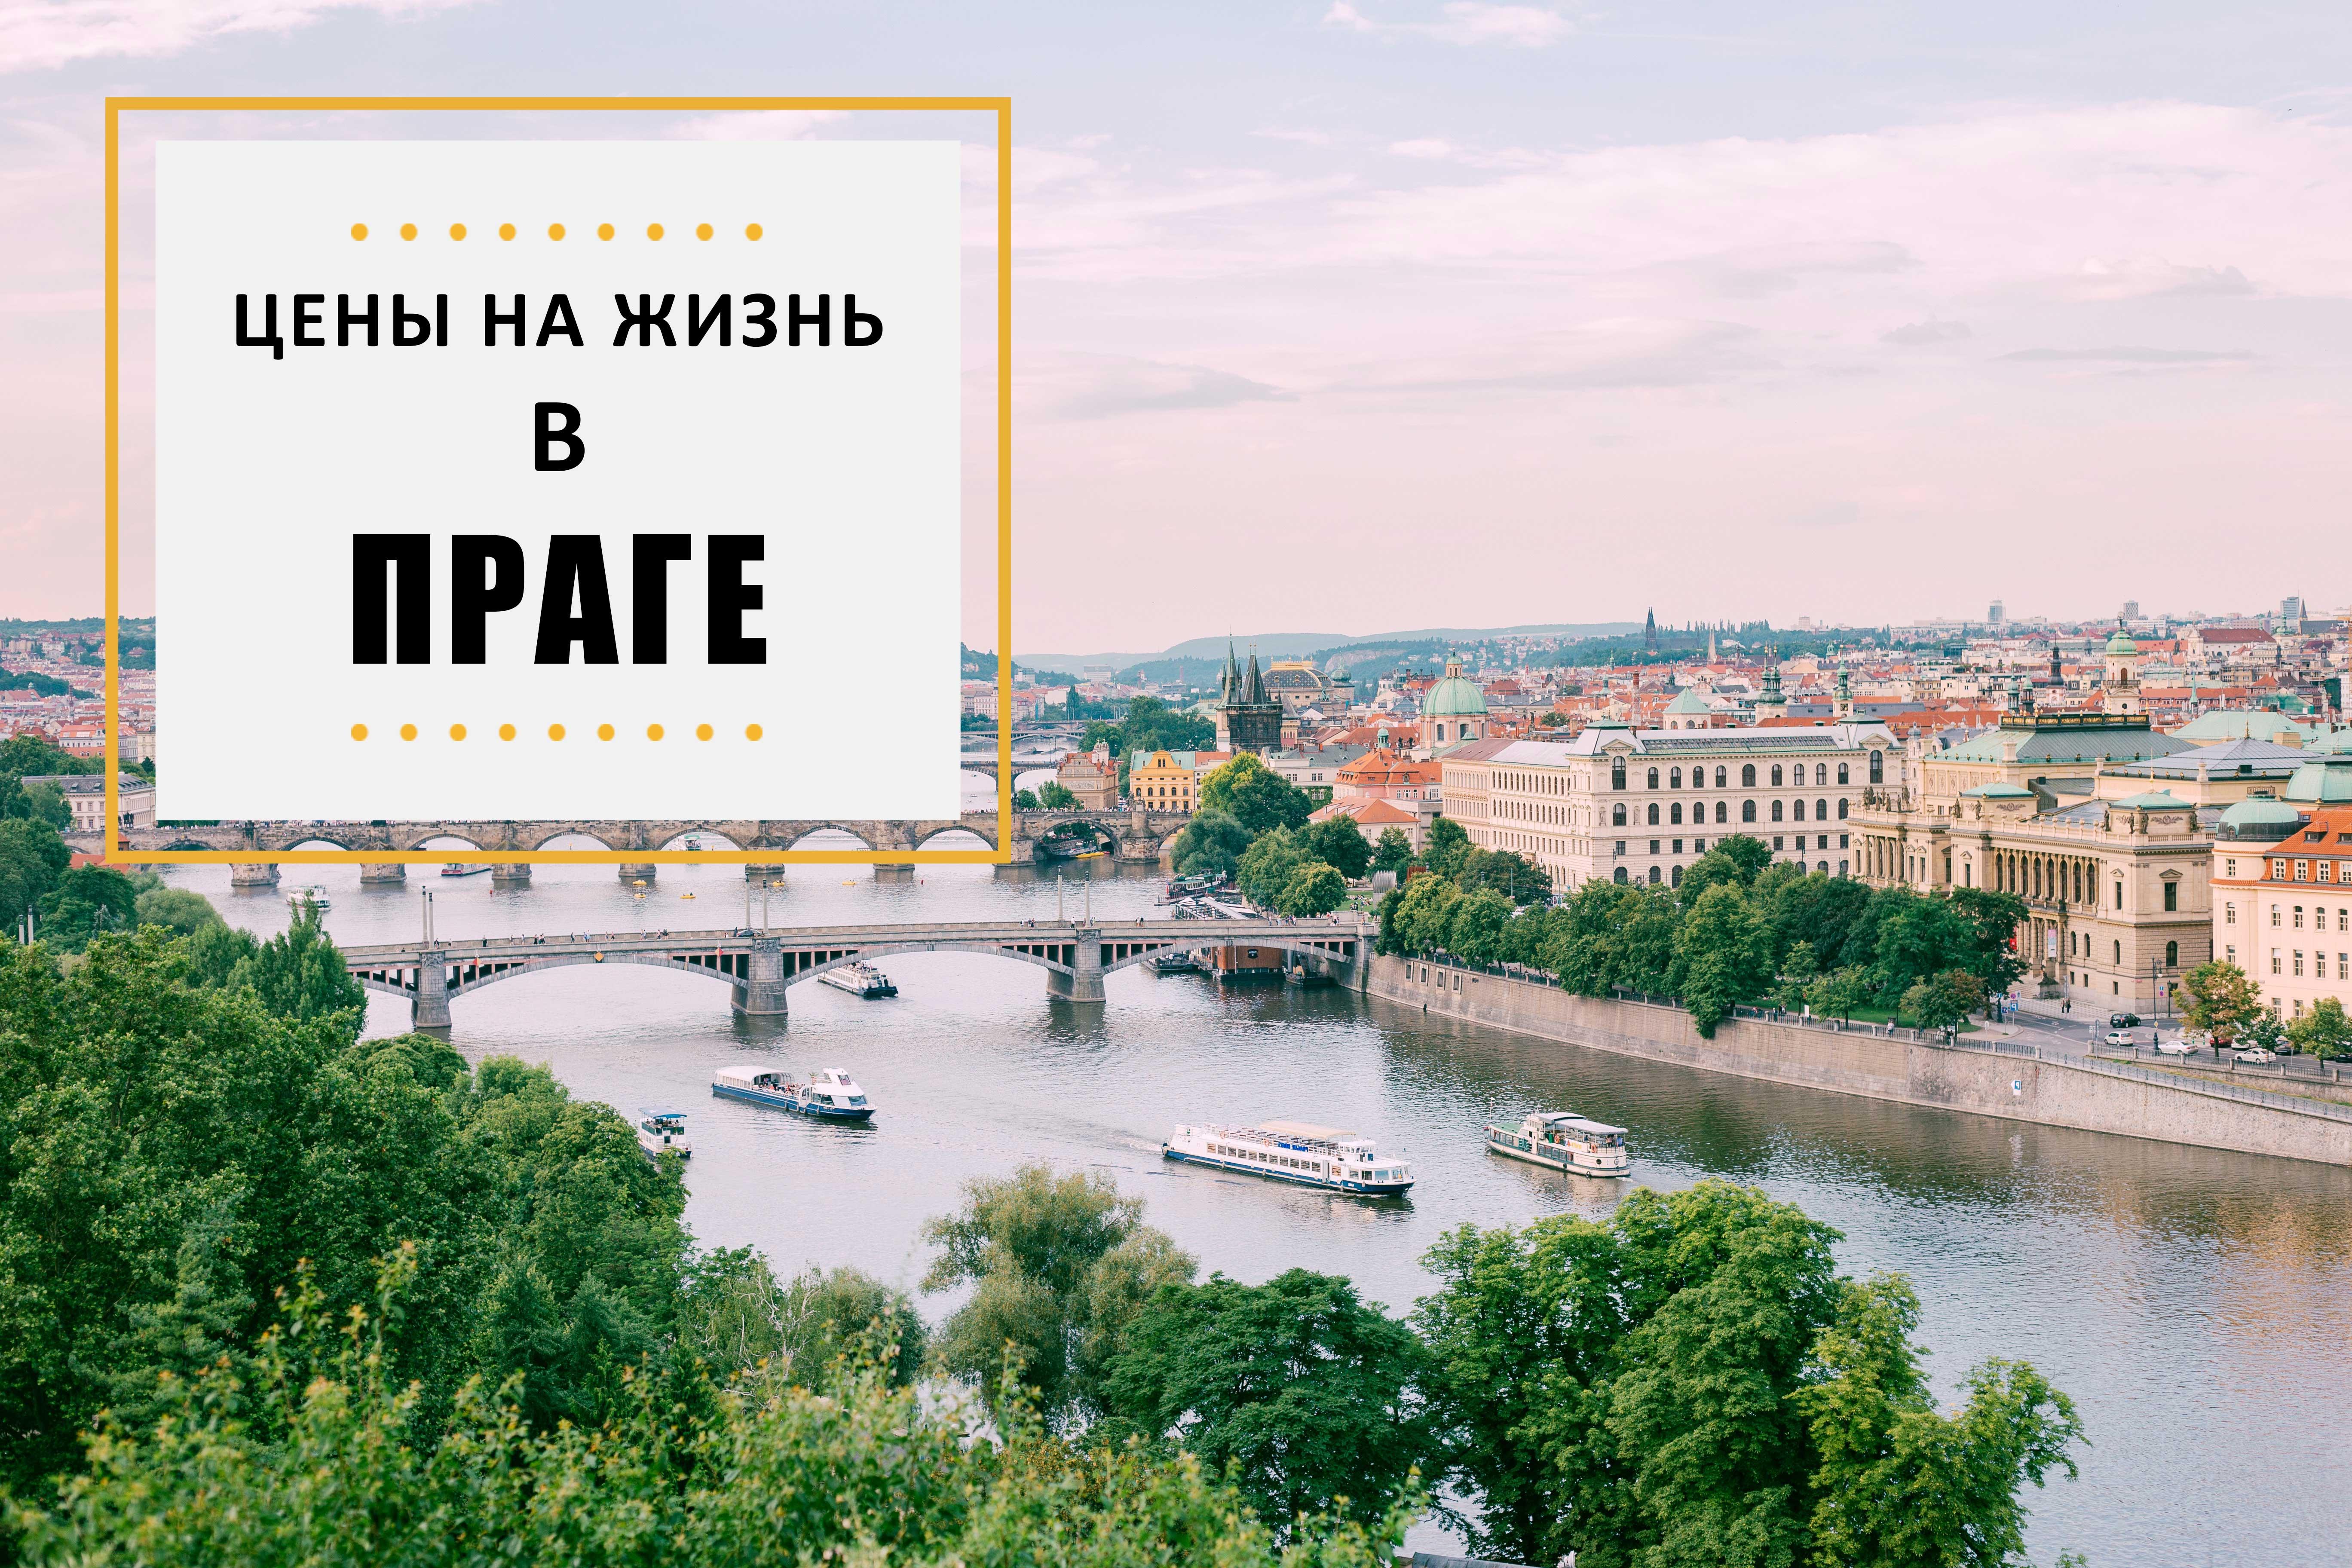 Цены на жизнь в Праге